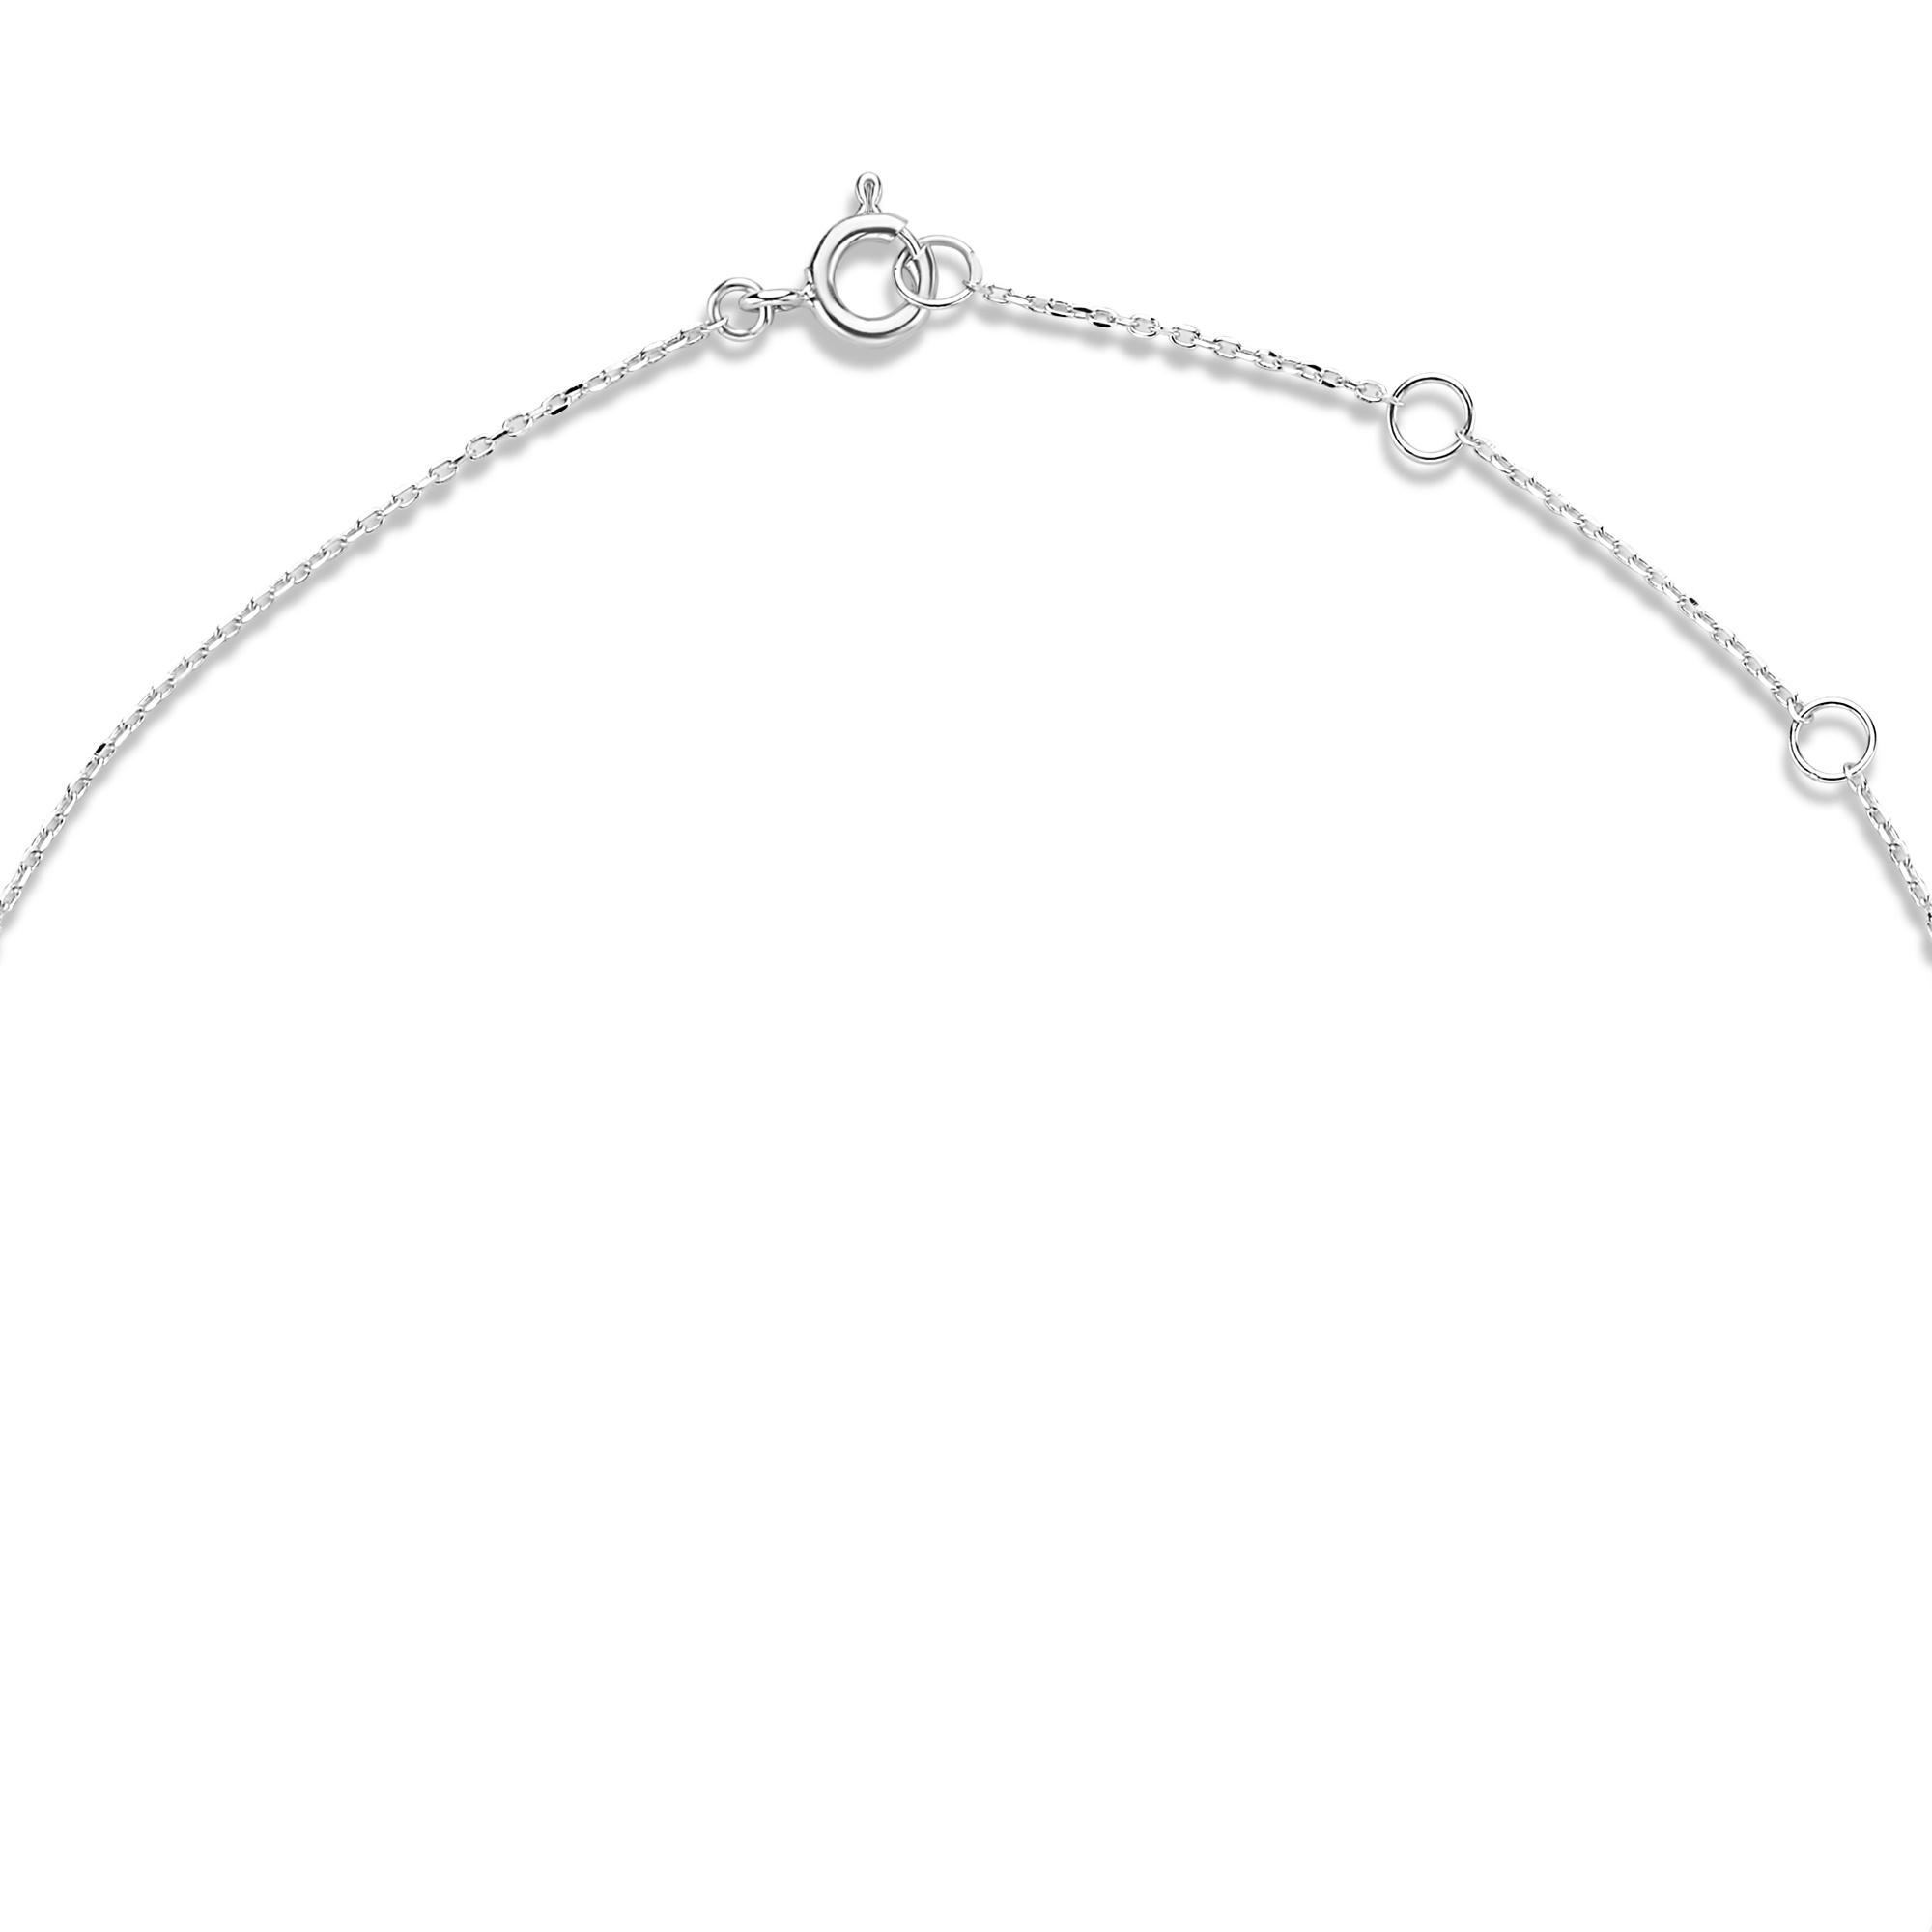 Isabel Bernard Saint Germain Loulou 14 karat hvidguld halskæde